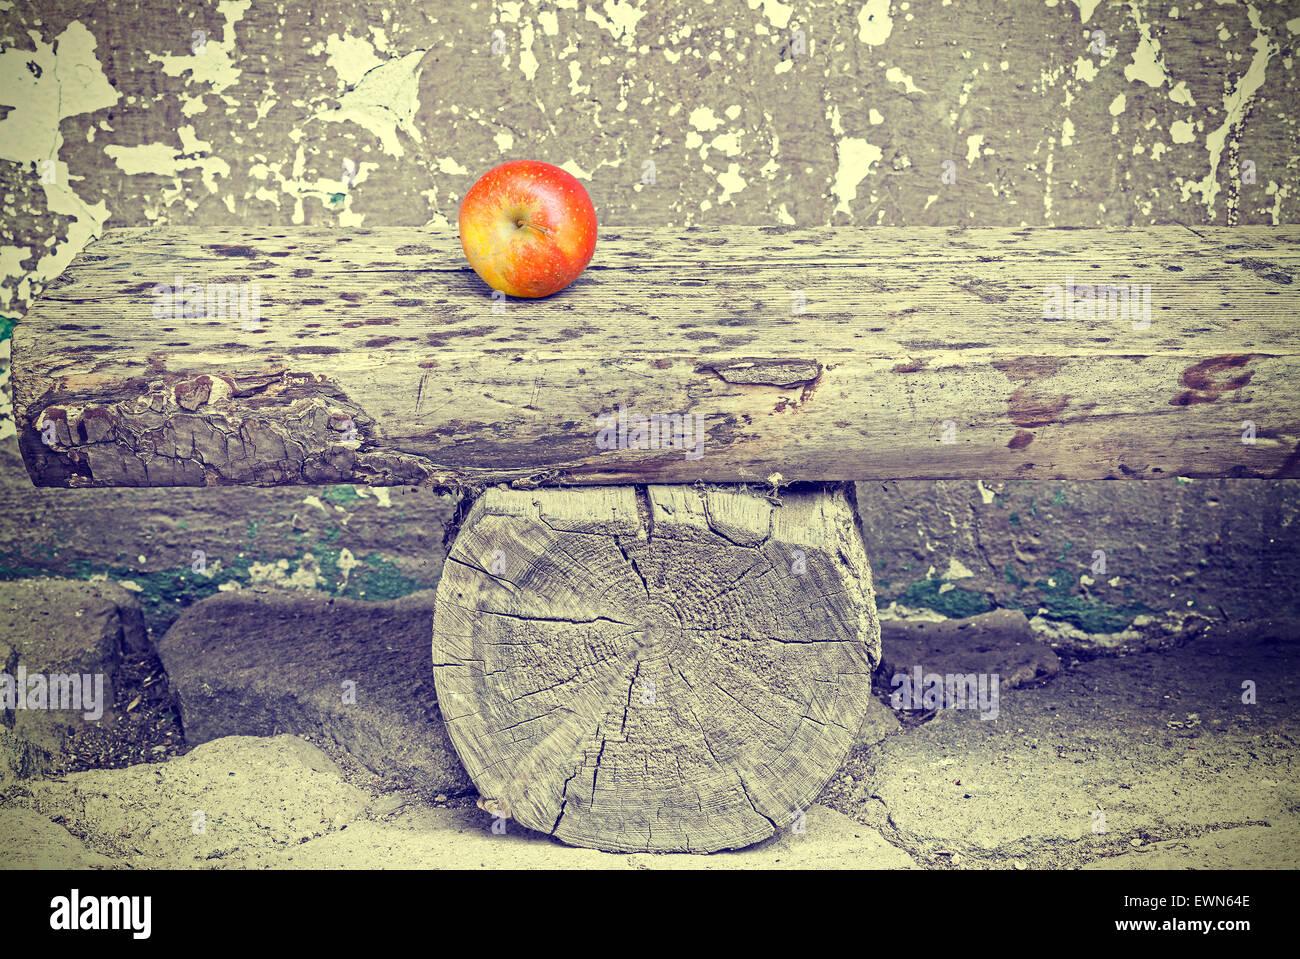 Mela matura sulla vecchia panca di legno, dai toni rétro il passare del tempo e il concetto di invecchiamento. Immagini Stock